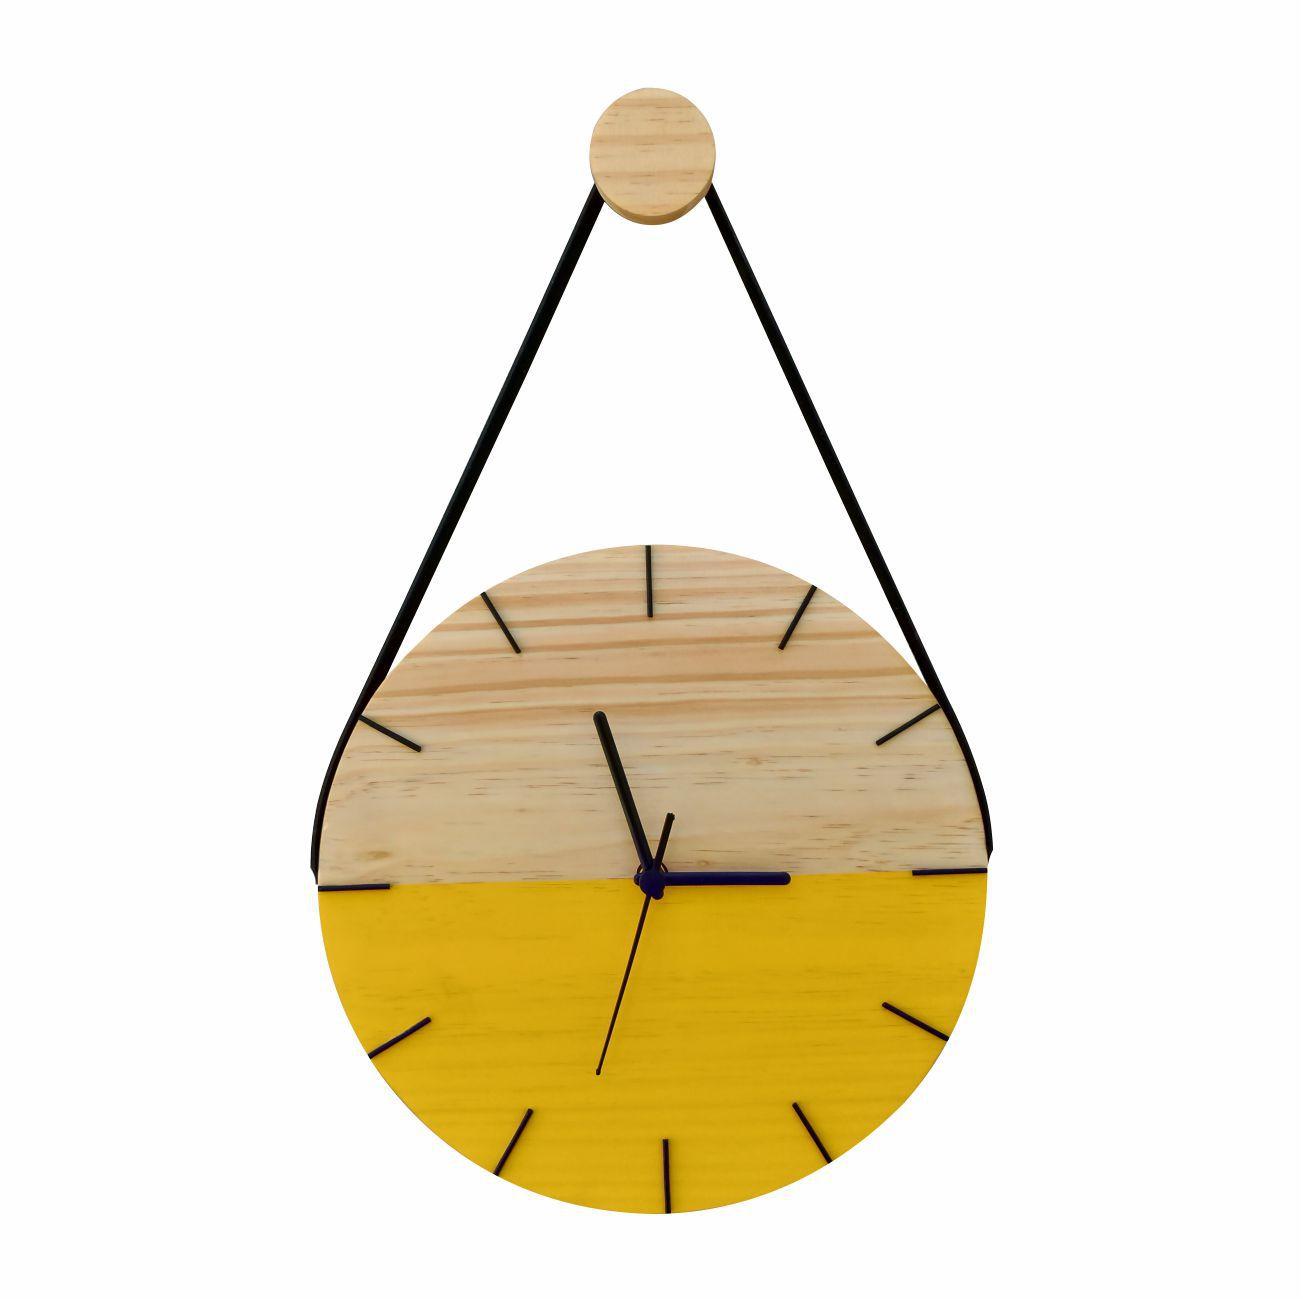 Relógio Minimalista de Madeira Amarelo com Alça